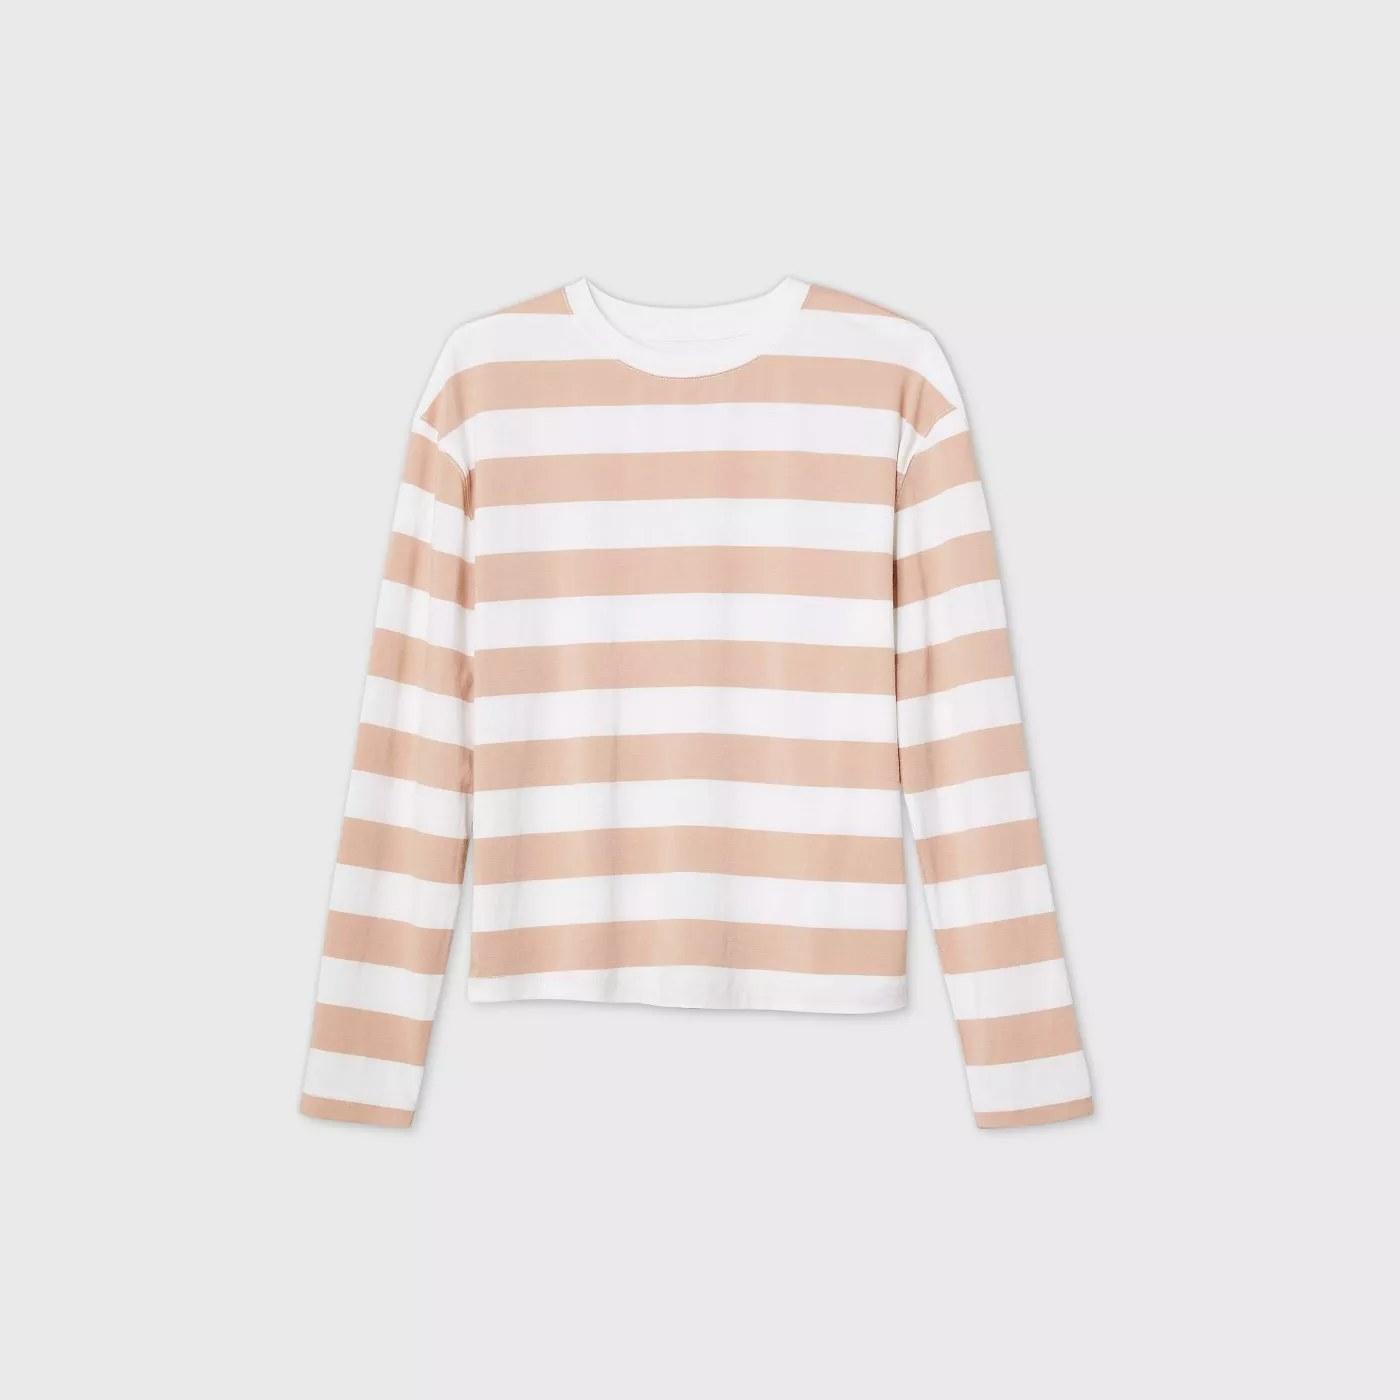 Tan and white stripes